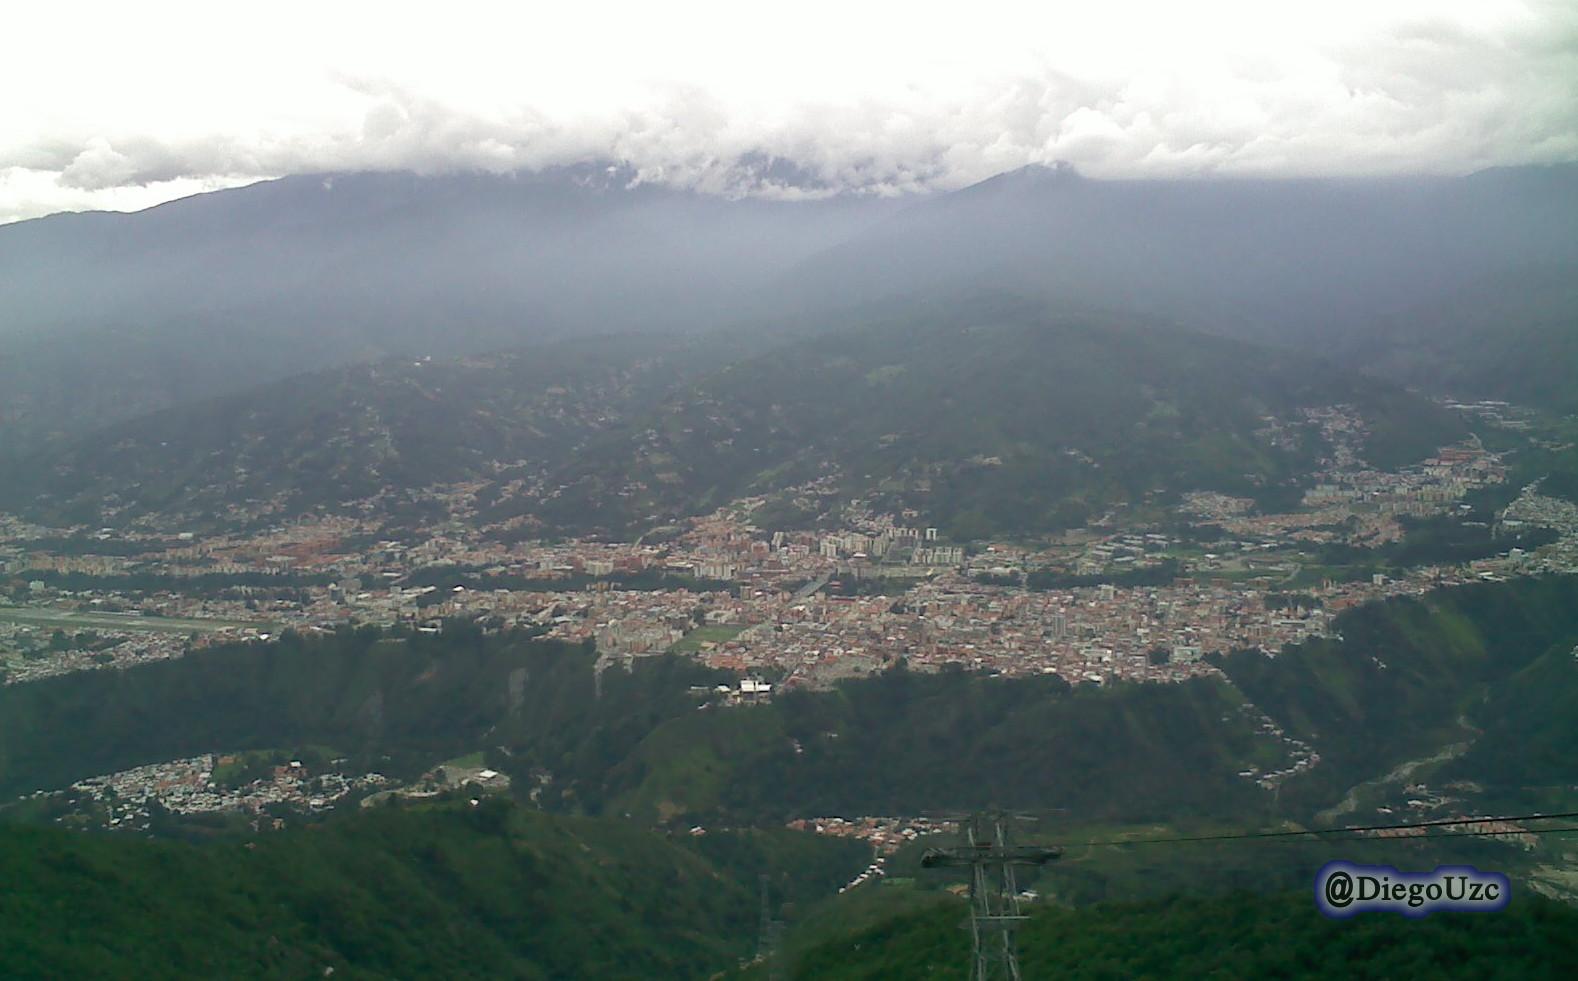 La ciudad de Mérida desde la estación La Montaña